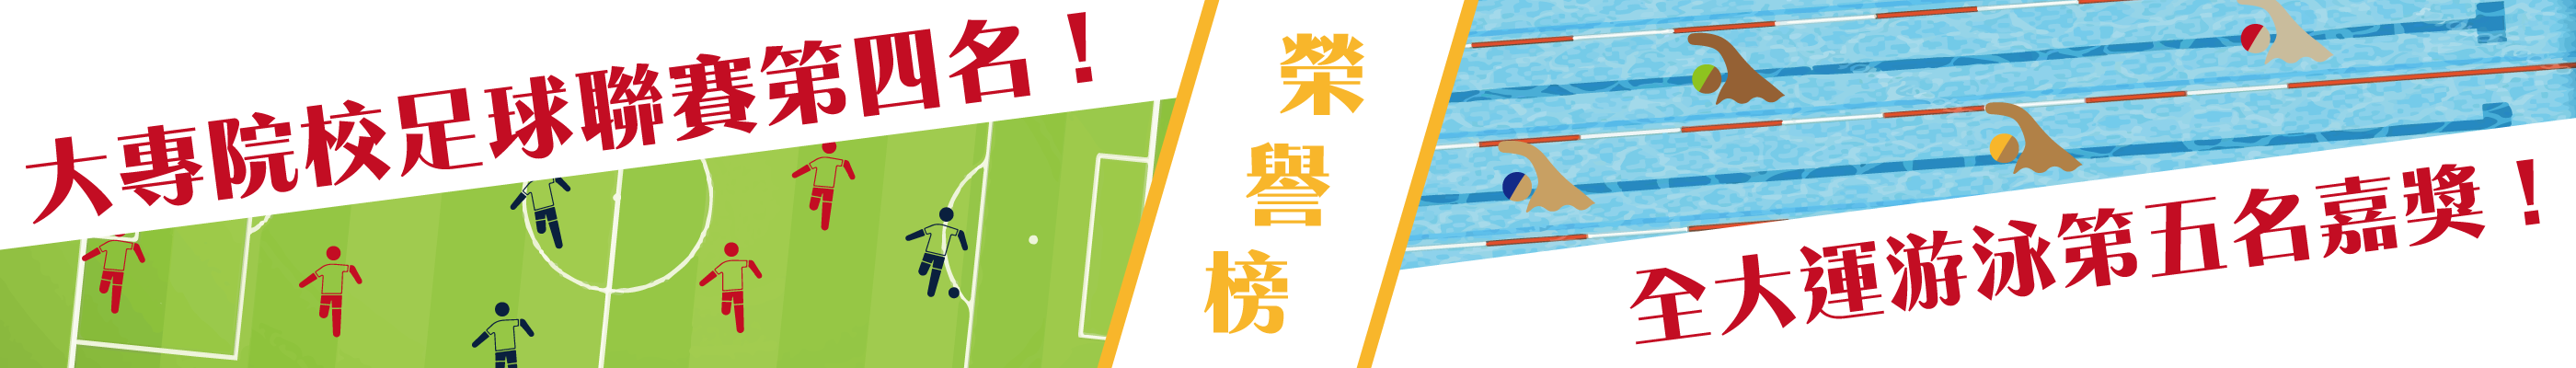 【榮譽榜】賀!資工戰將中華民國大專院校足球聯賽第四名、全大運游泳第五名嘉獎!